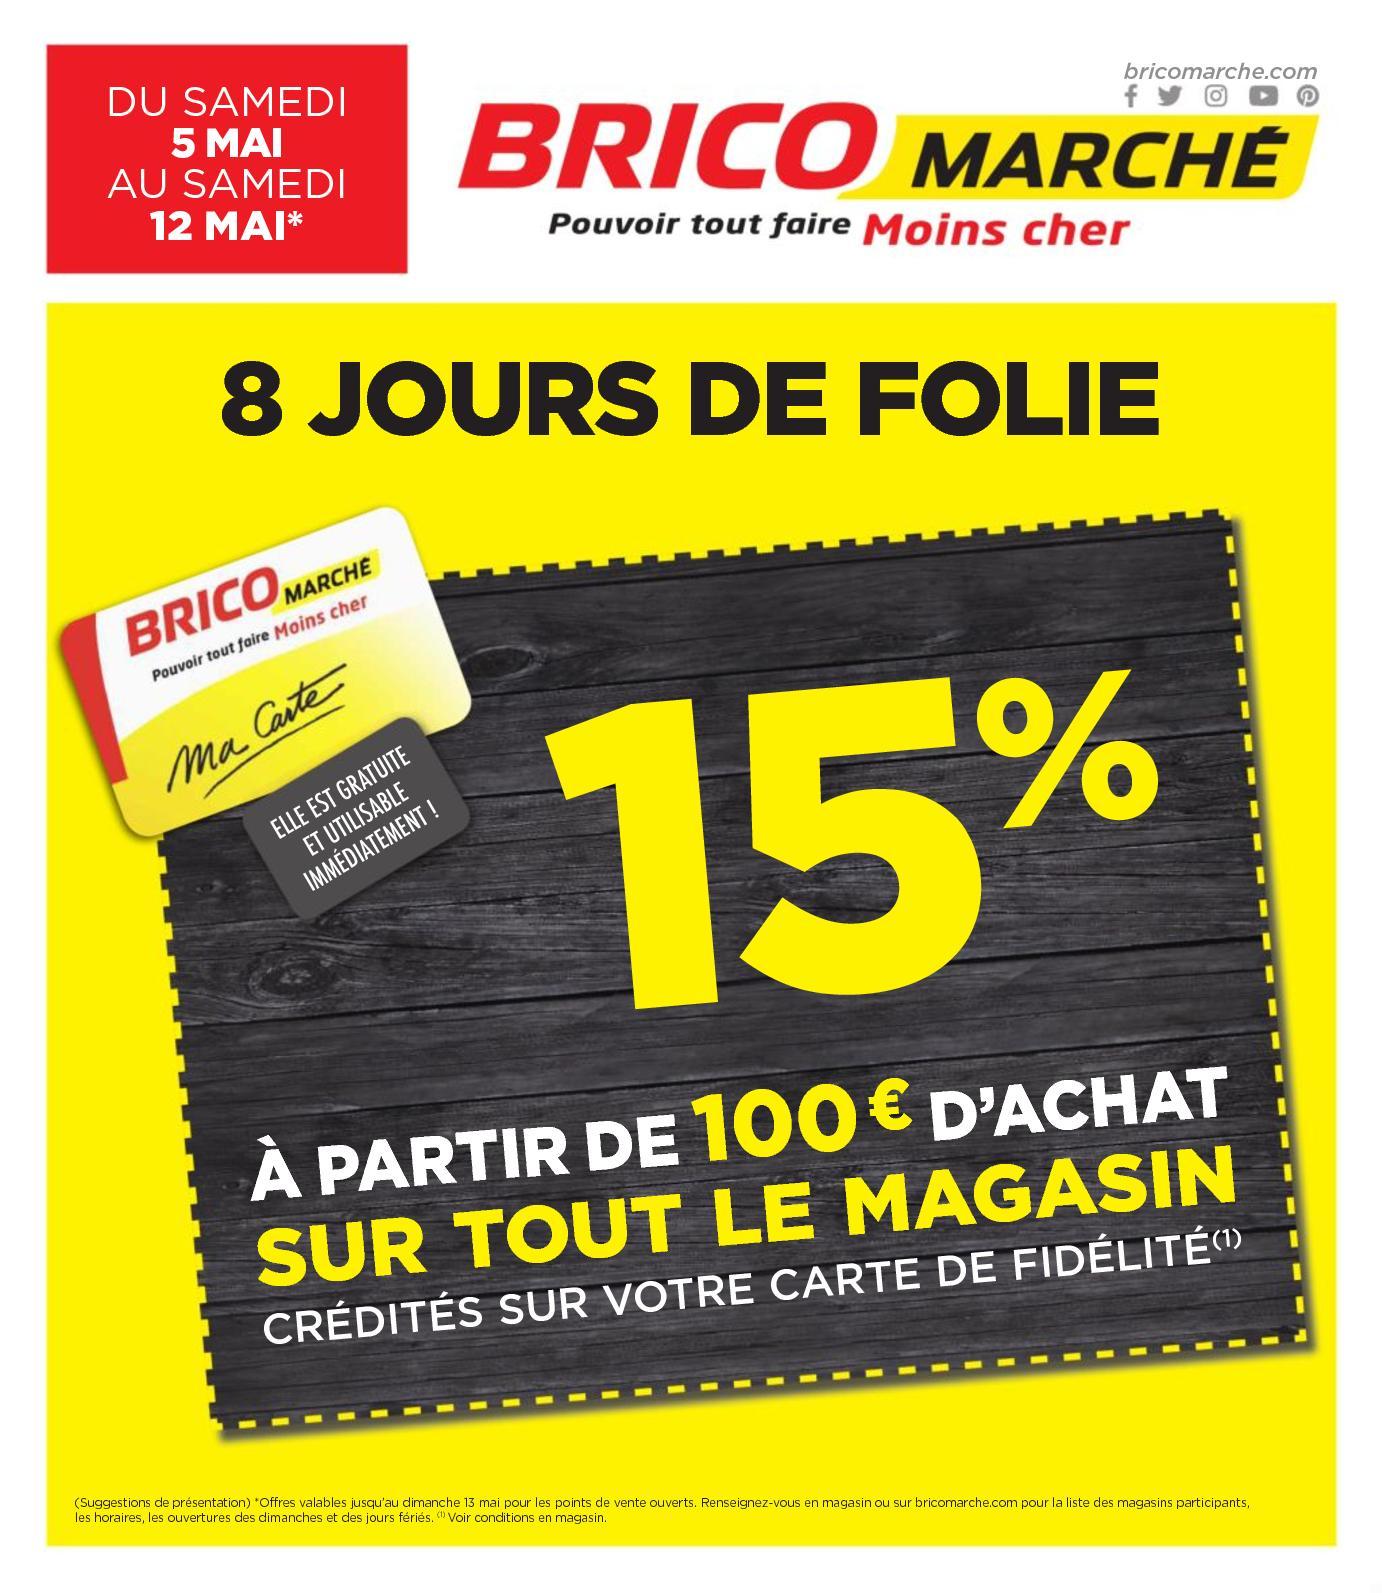 Calaméo Bricomarché Jour De Folie